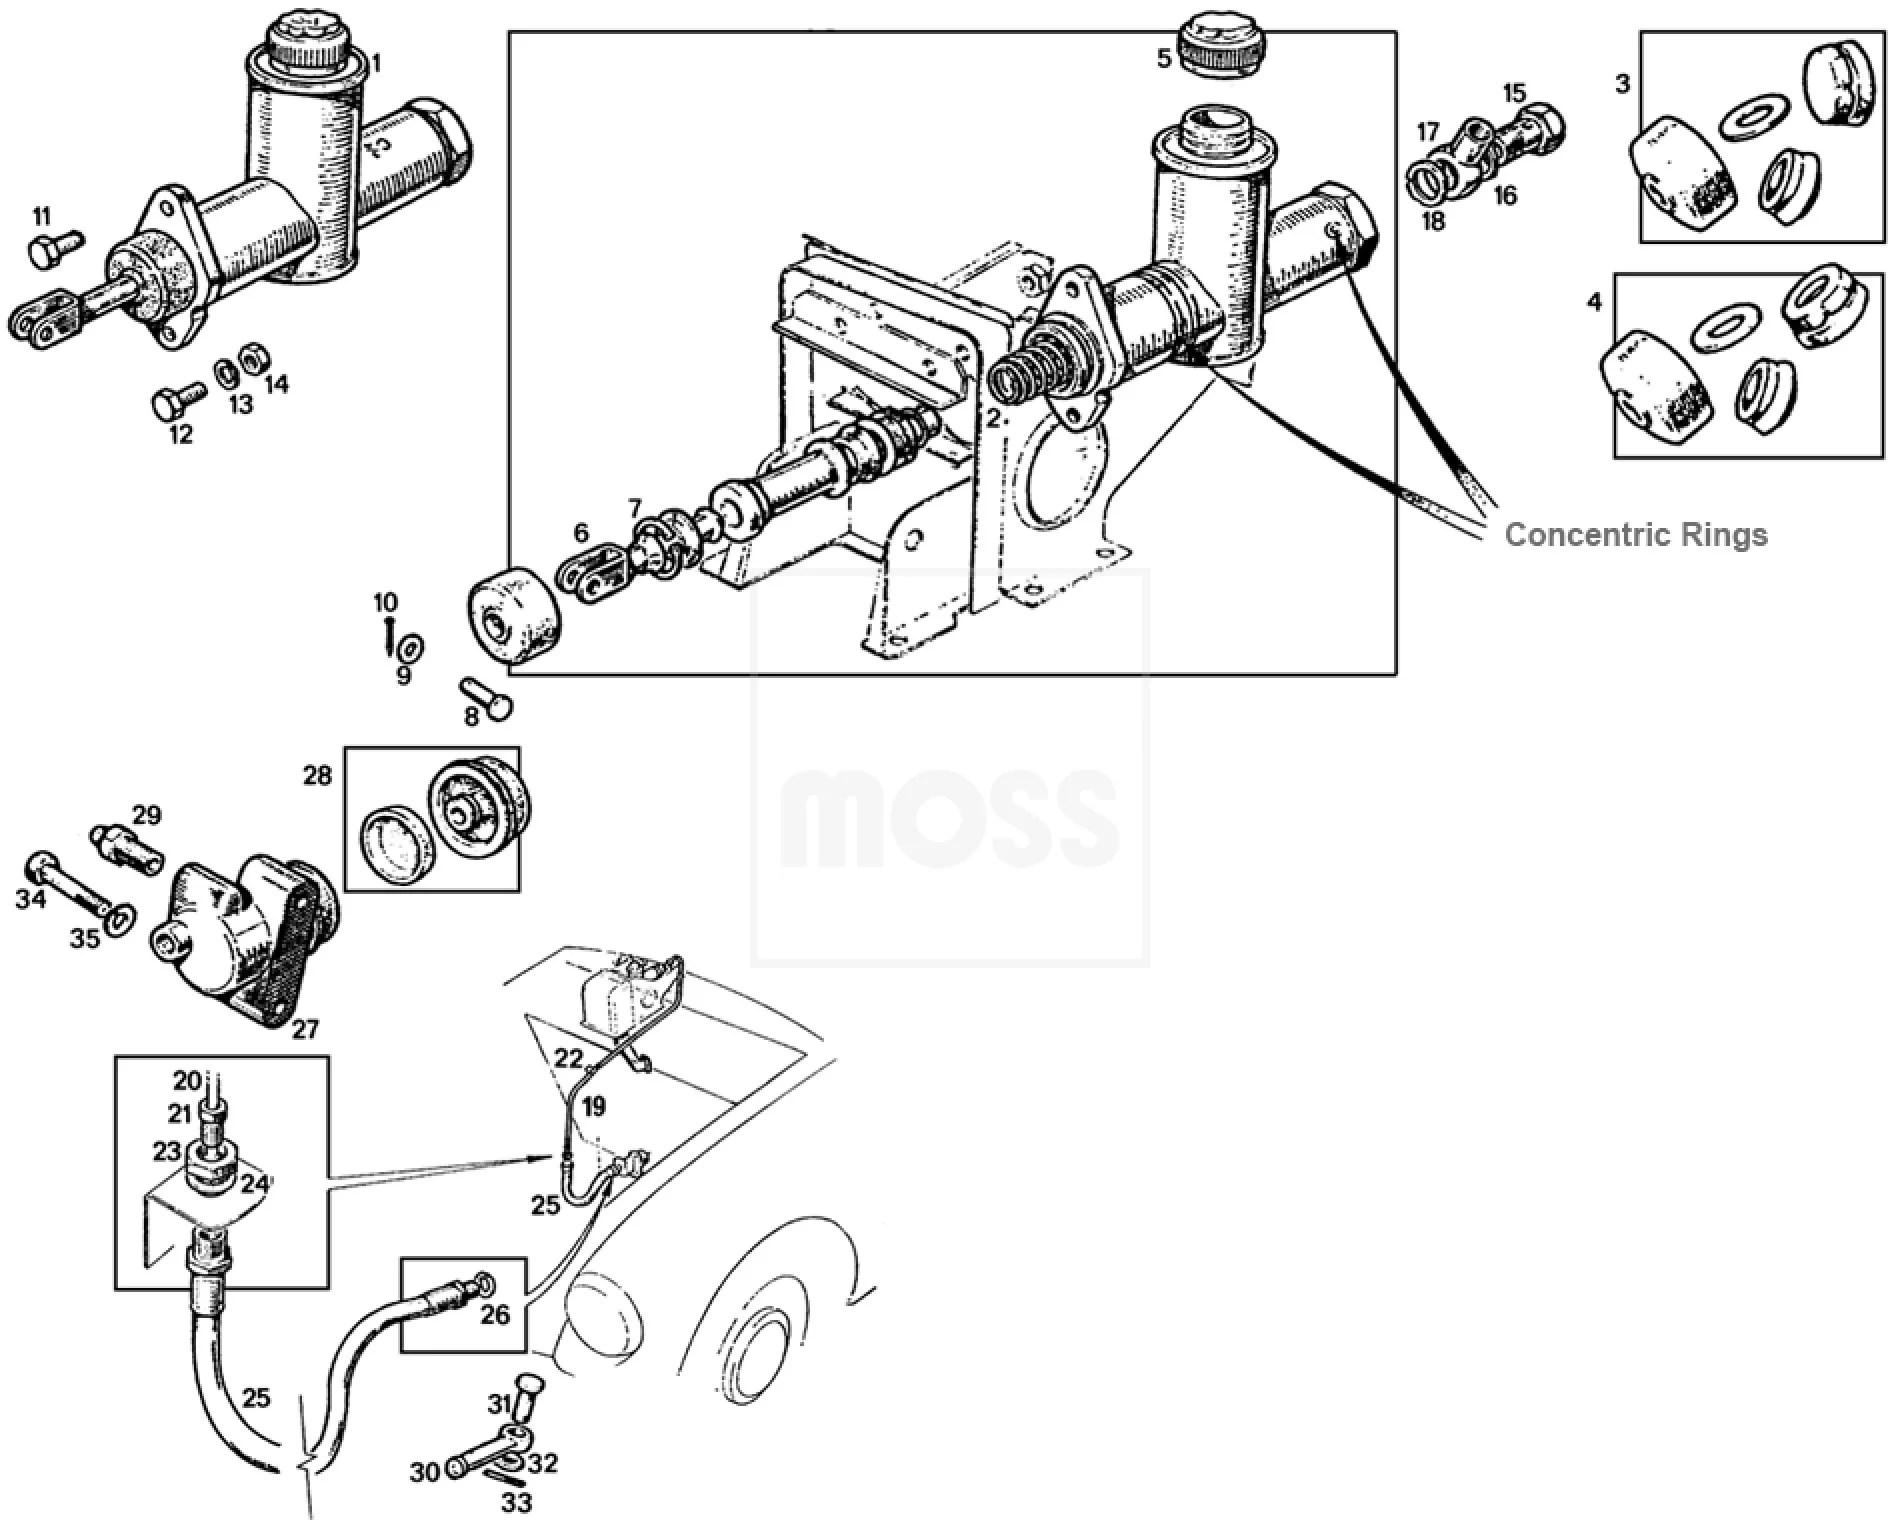 mgb c v8 clutch gearbox axles clutch systems clutch hydraulics mgb [ 1900 x 1536 Pixel ]